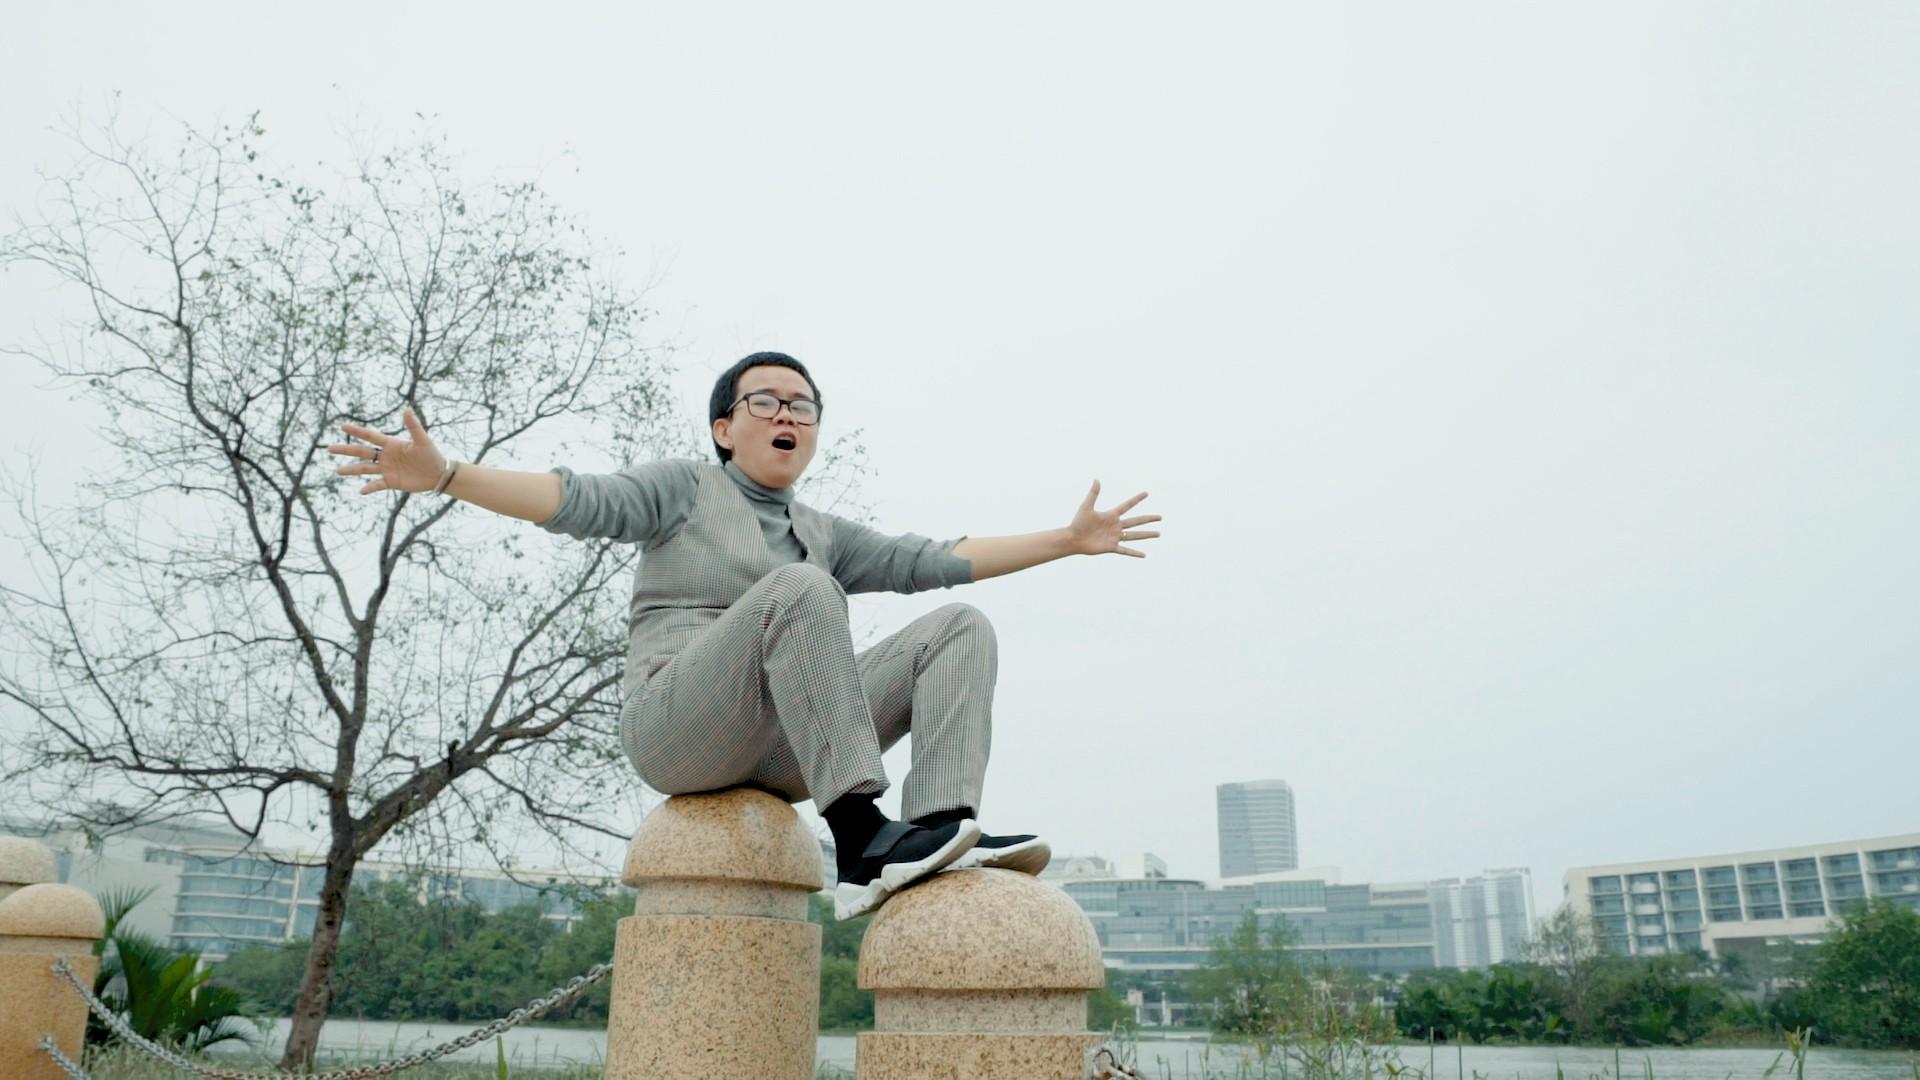 Phương Uyên, Thiều Bảo Trang, Vũ Thảo My quậy hết cỡ cùng trò nhí trong MV mang thông điệp tích cực về cuộc sống - Ảnh 3.